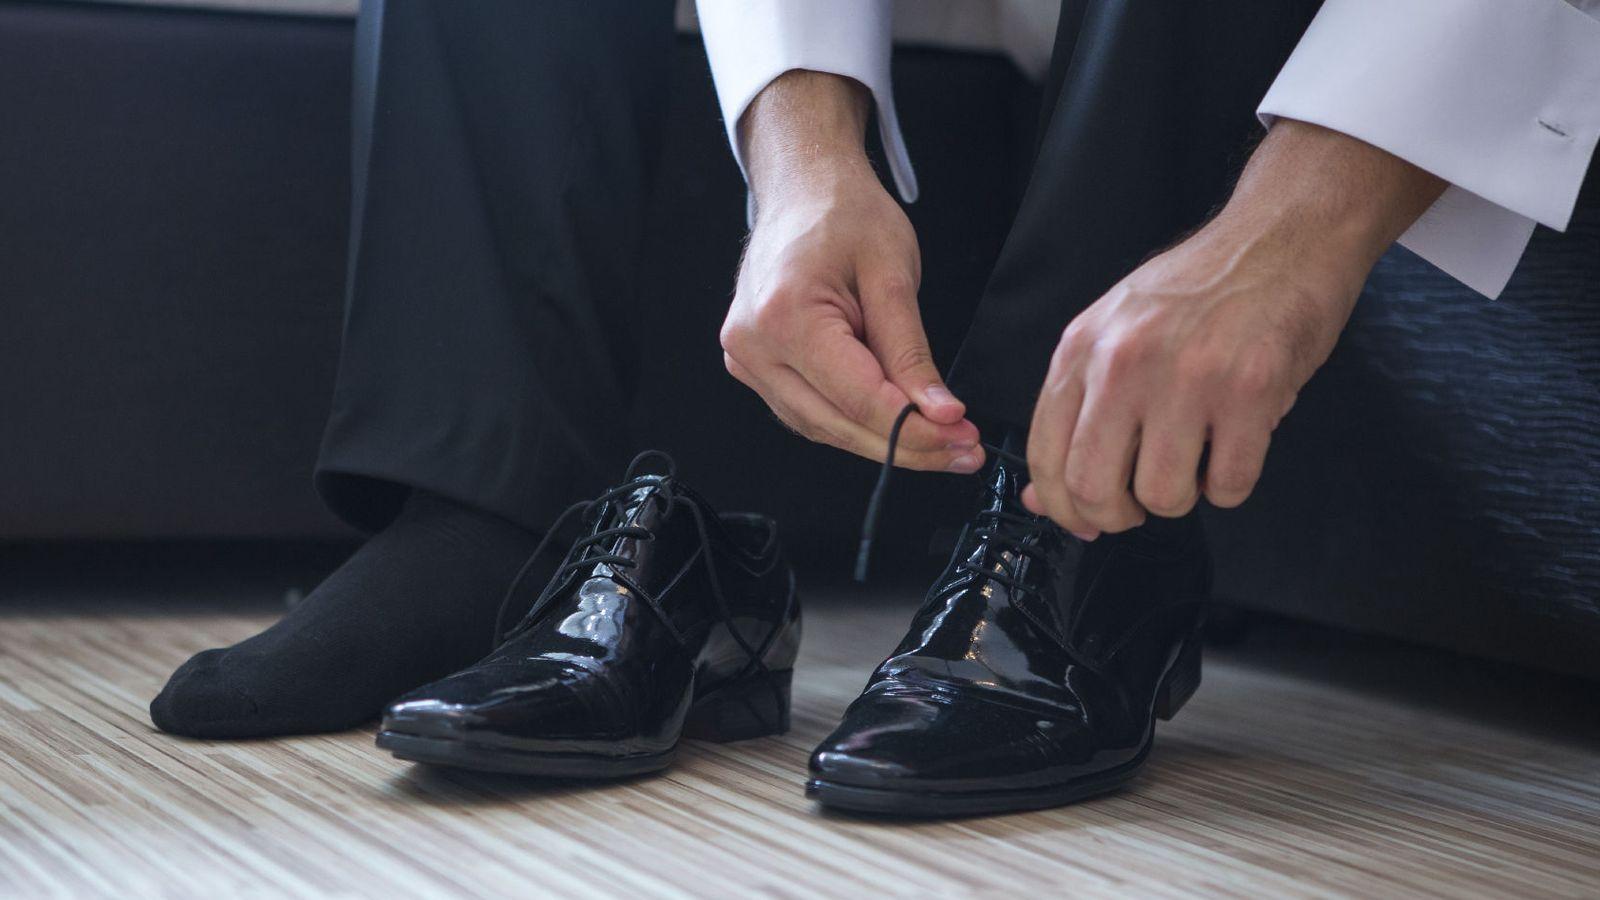 el-error-que-cometen-todos-los-hombres-cuando-se-compran-unos-zapatos -nuevos.jpg mtime 1454513857 6f027ac96d37